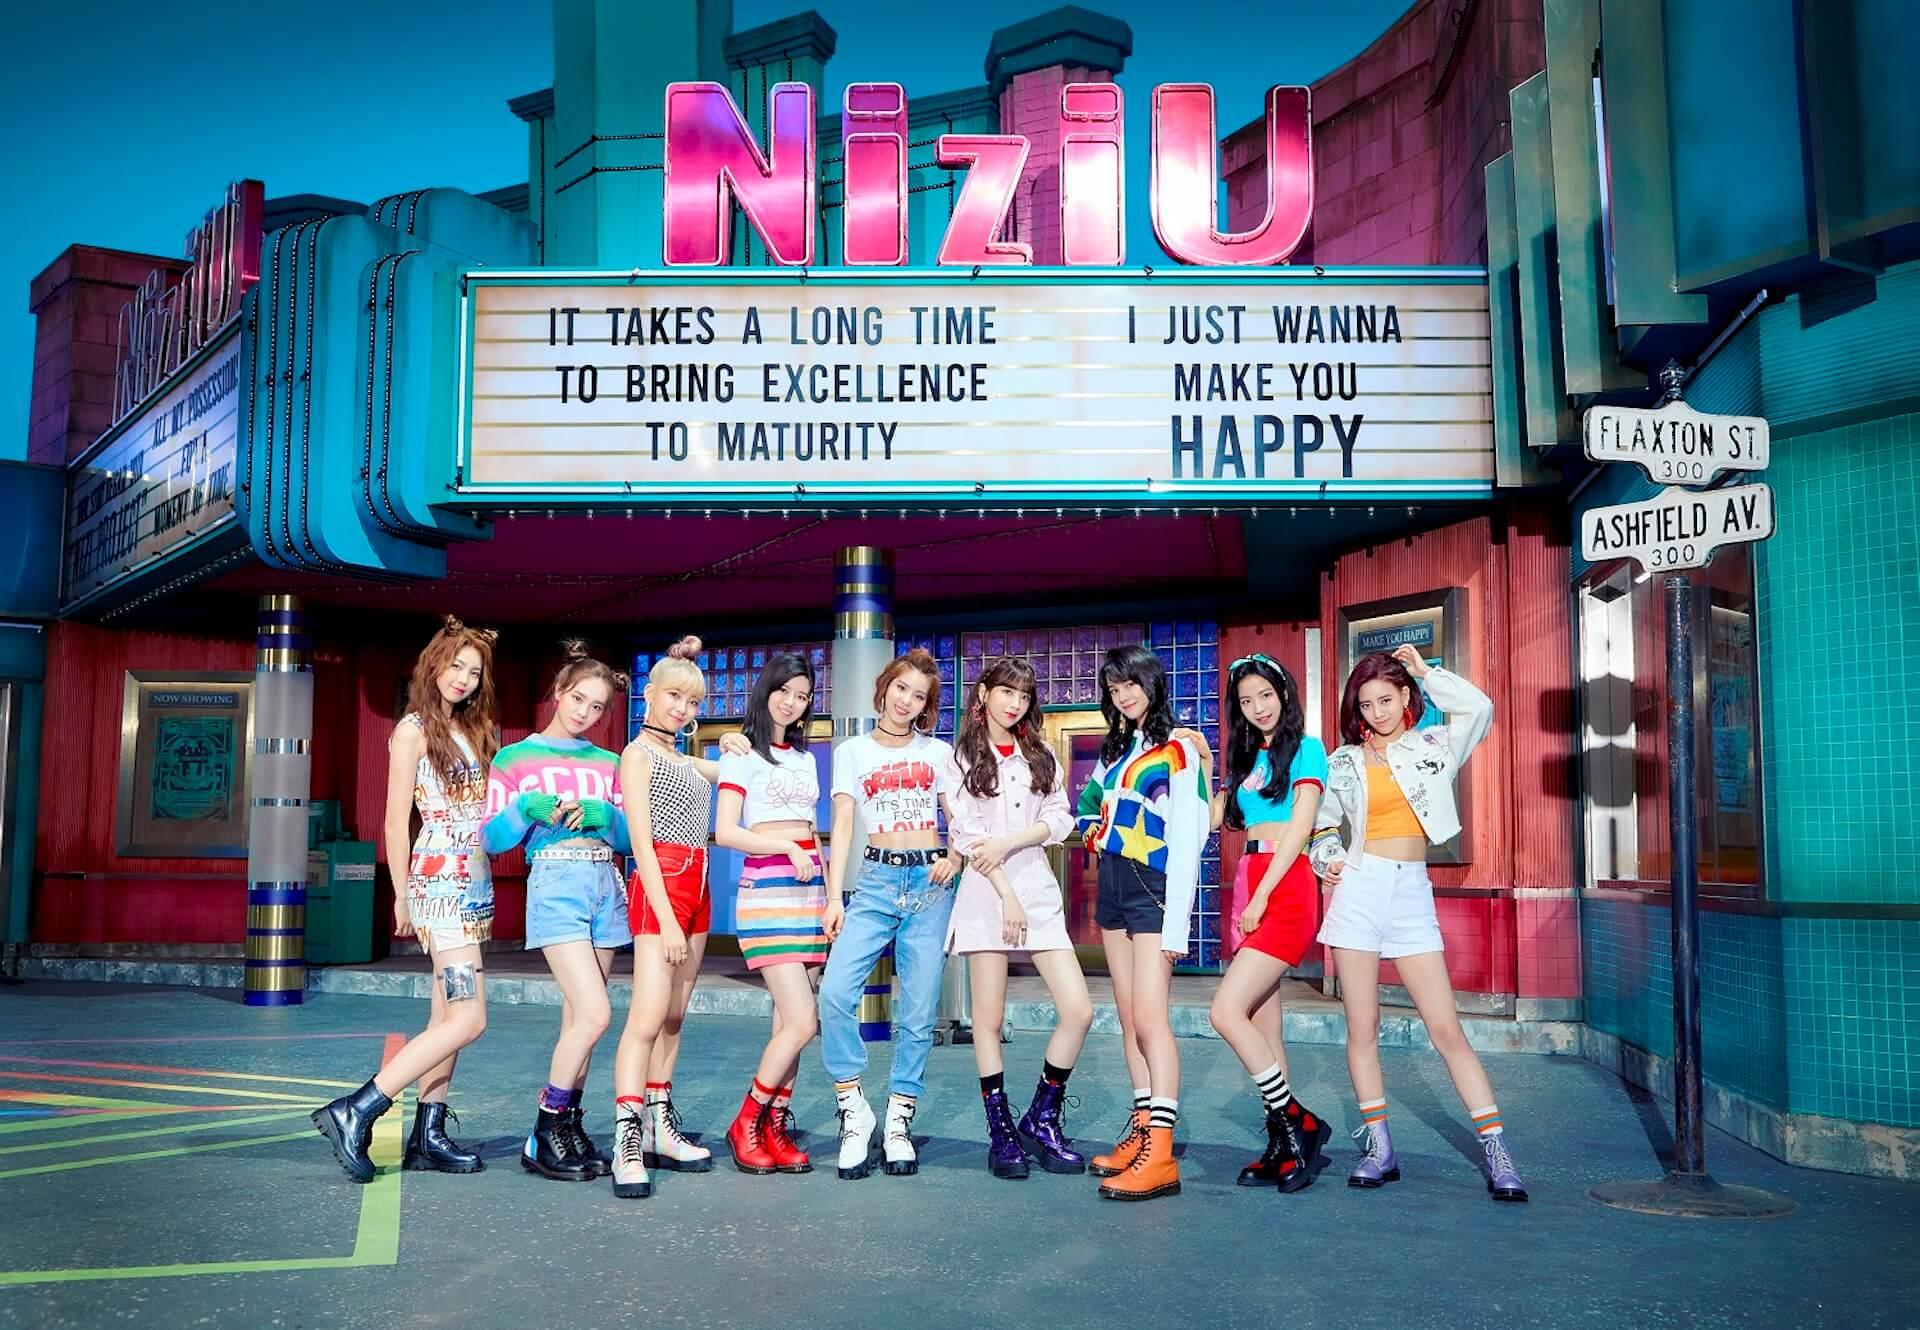 本日完結のNizi Projectから新グループNiziUが誕生!ミニアルバムで急遽プレデビュー決定 music200626_niziu_1